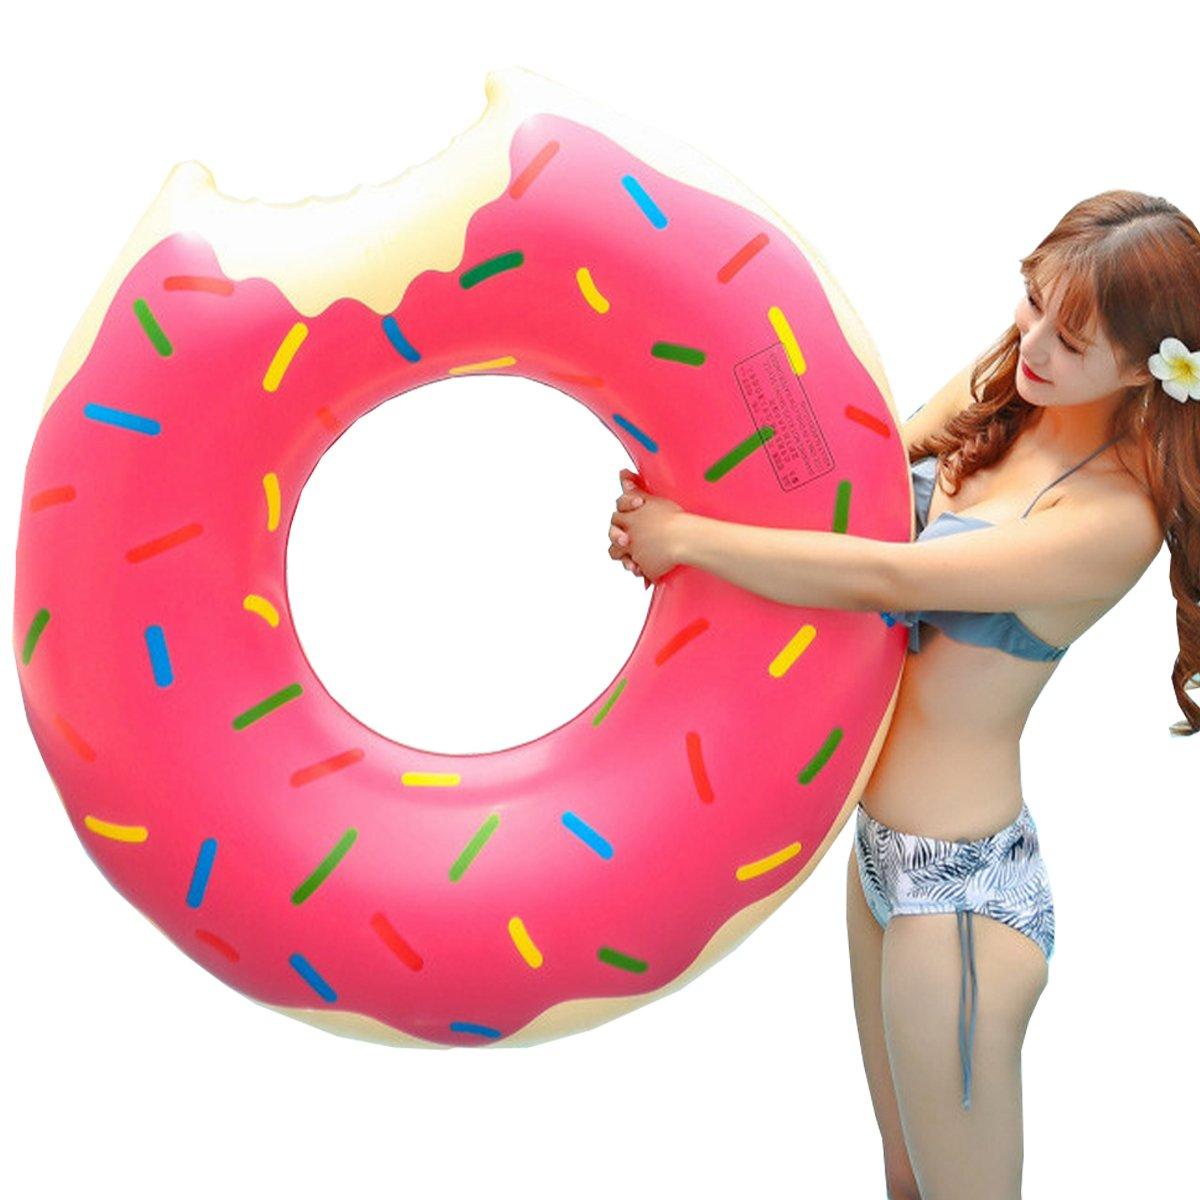 Donut anillo de natación inflable, Flotador Gigante Buñuelo Piscina, Verano natación anillos, Agua Pool Float Juguetes inflables para adultos y niños, ...